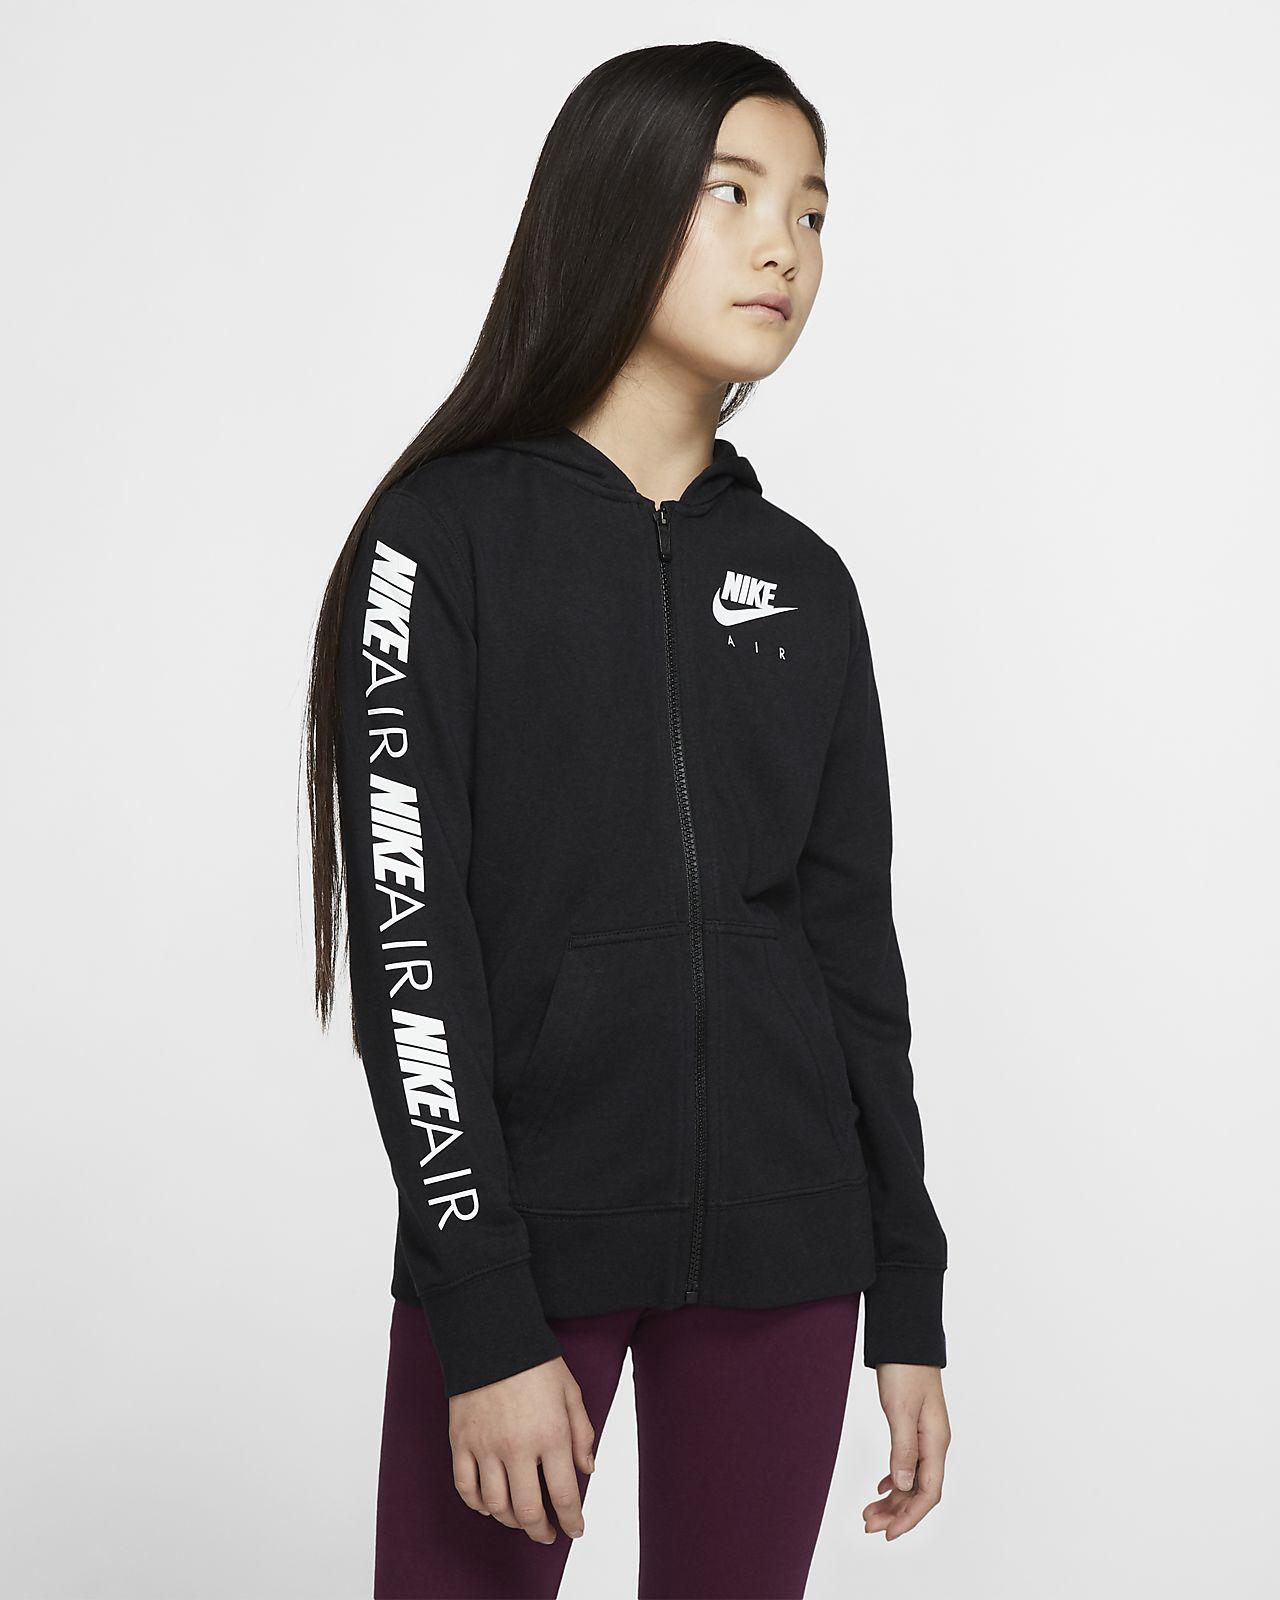 Худи с молнией во всю длину для девочек школьного возраста Nike Air